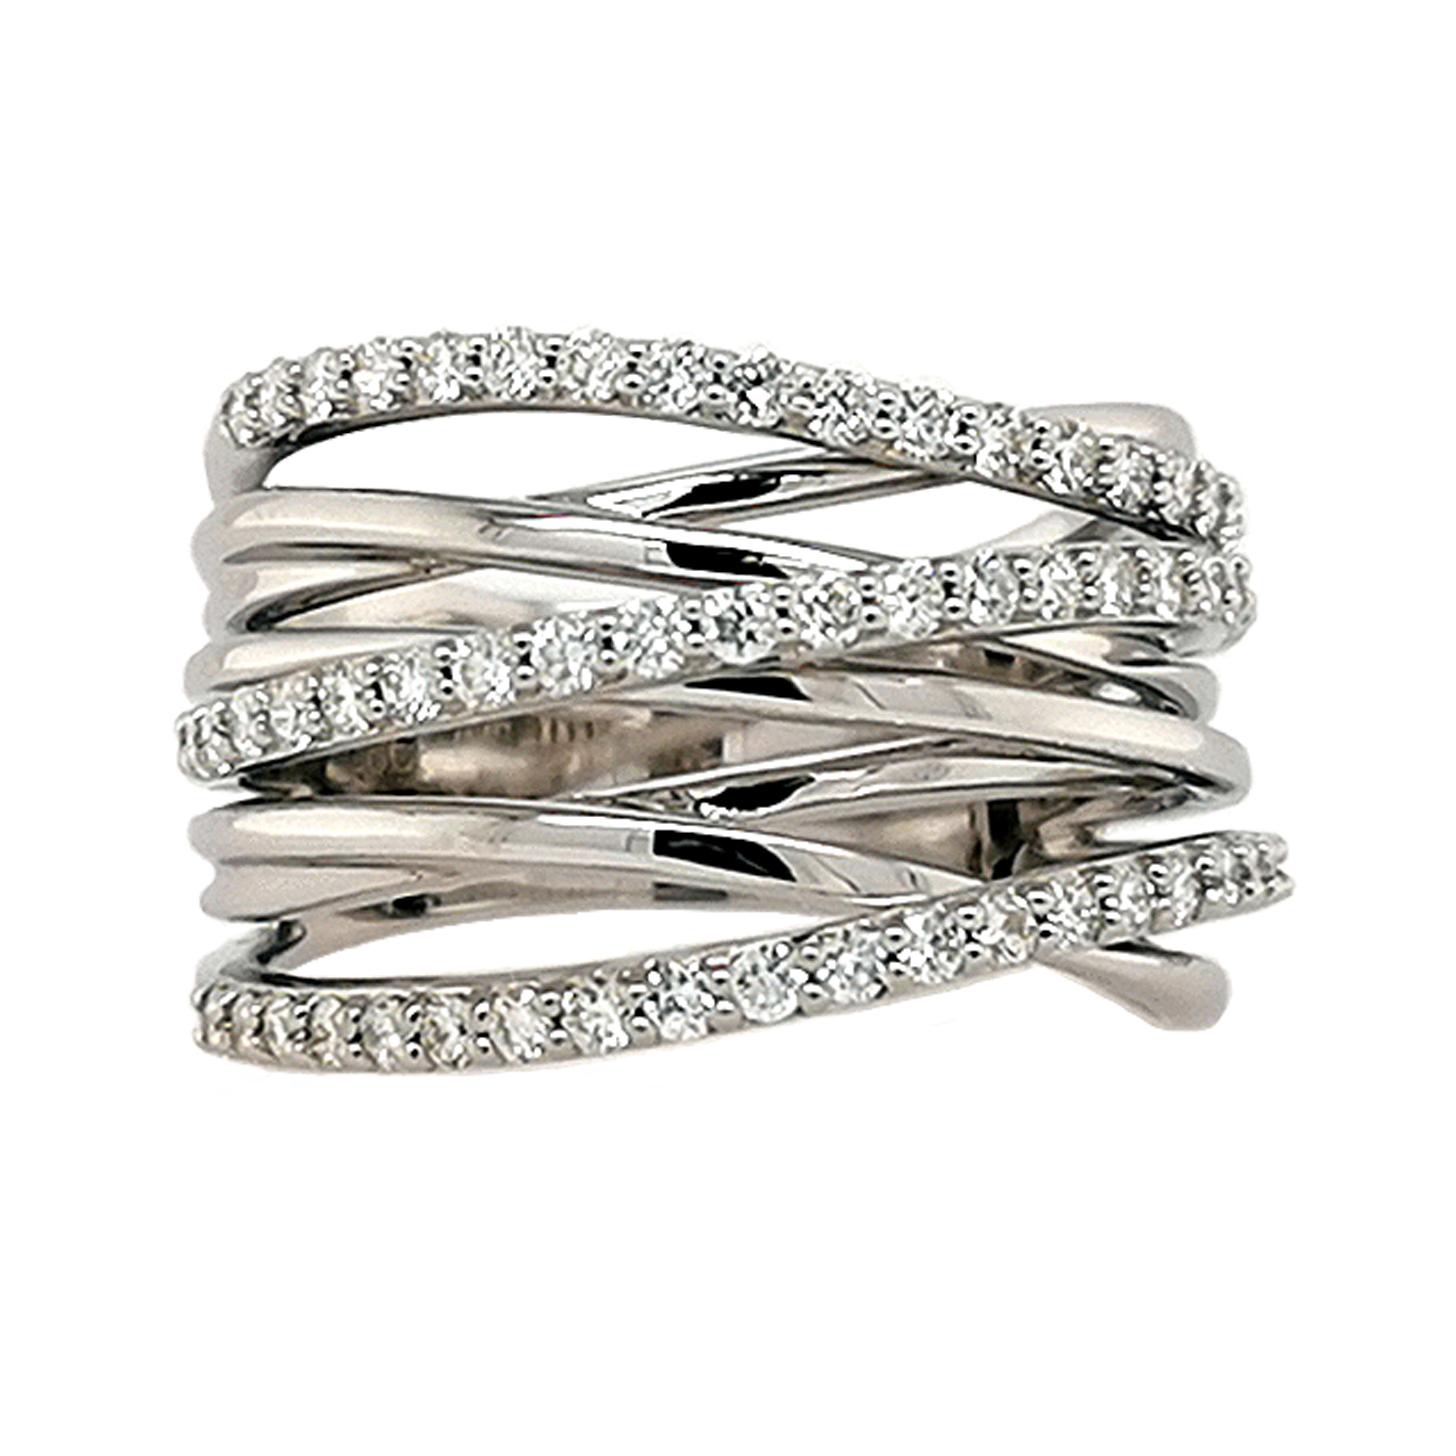 Brillantring aus 585 Weißgold mit 58 weißen Diamanten im Brillantschliff, total ca. 0,81 ct